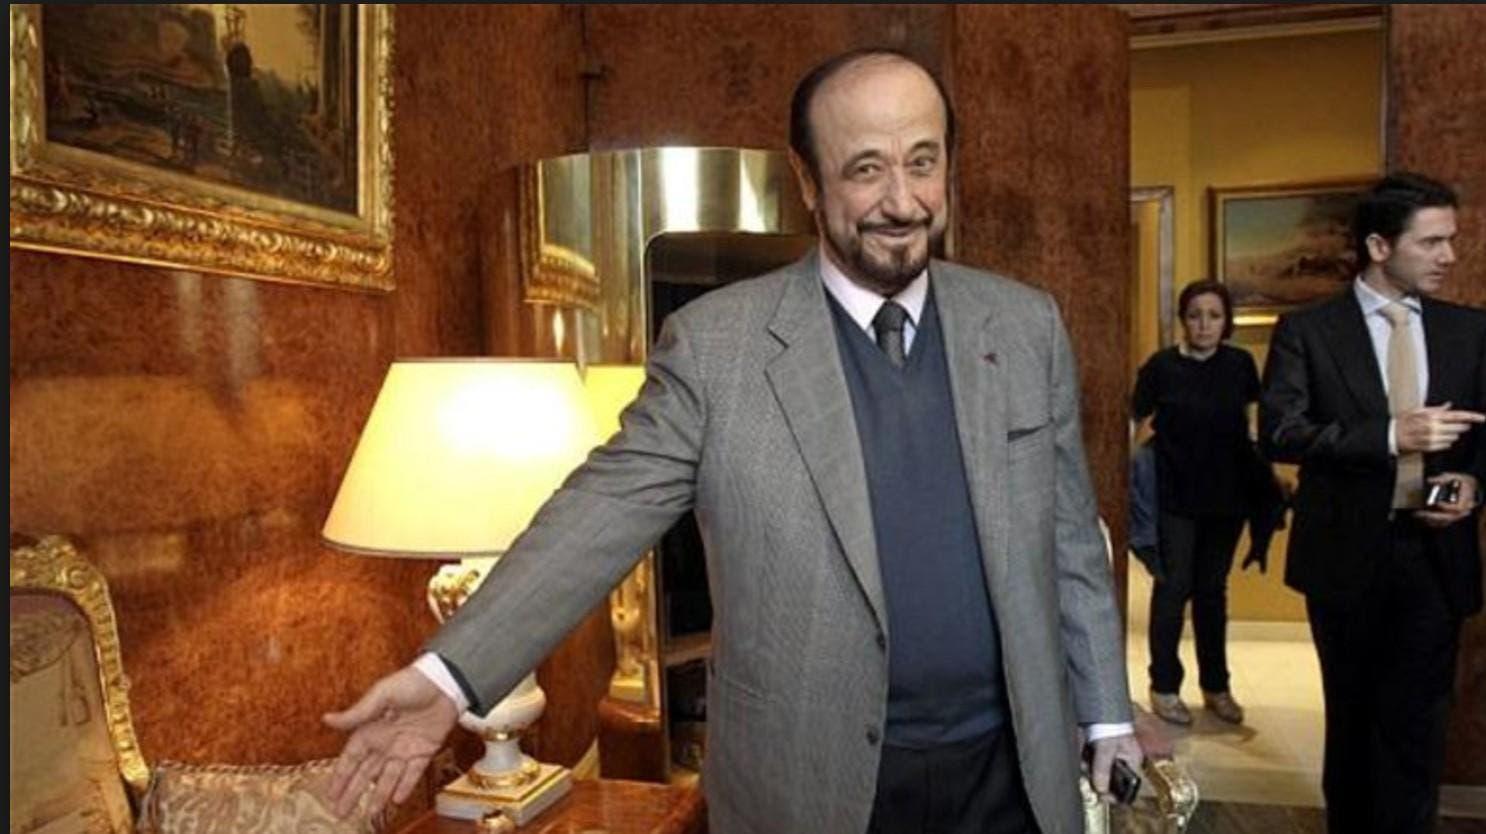 إسبانيا تتجه لمحاكمة عم الأسد بتهمة غسيل الأموال